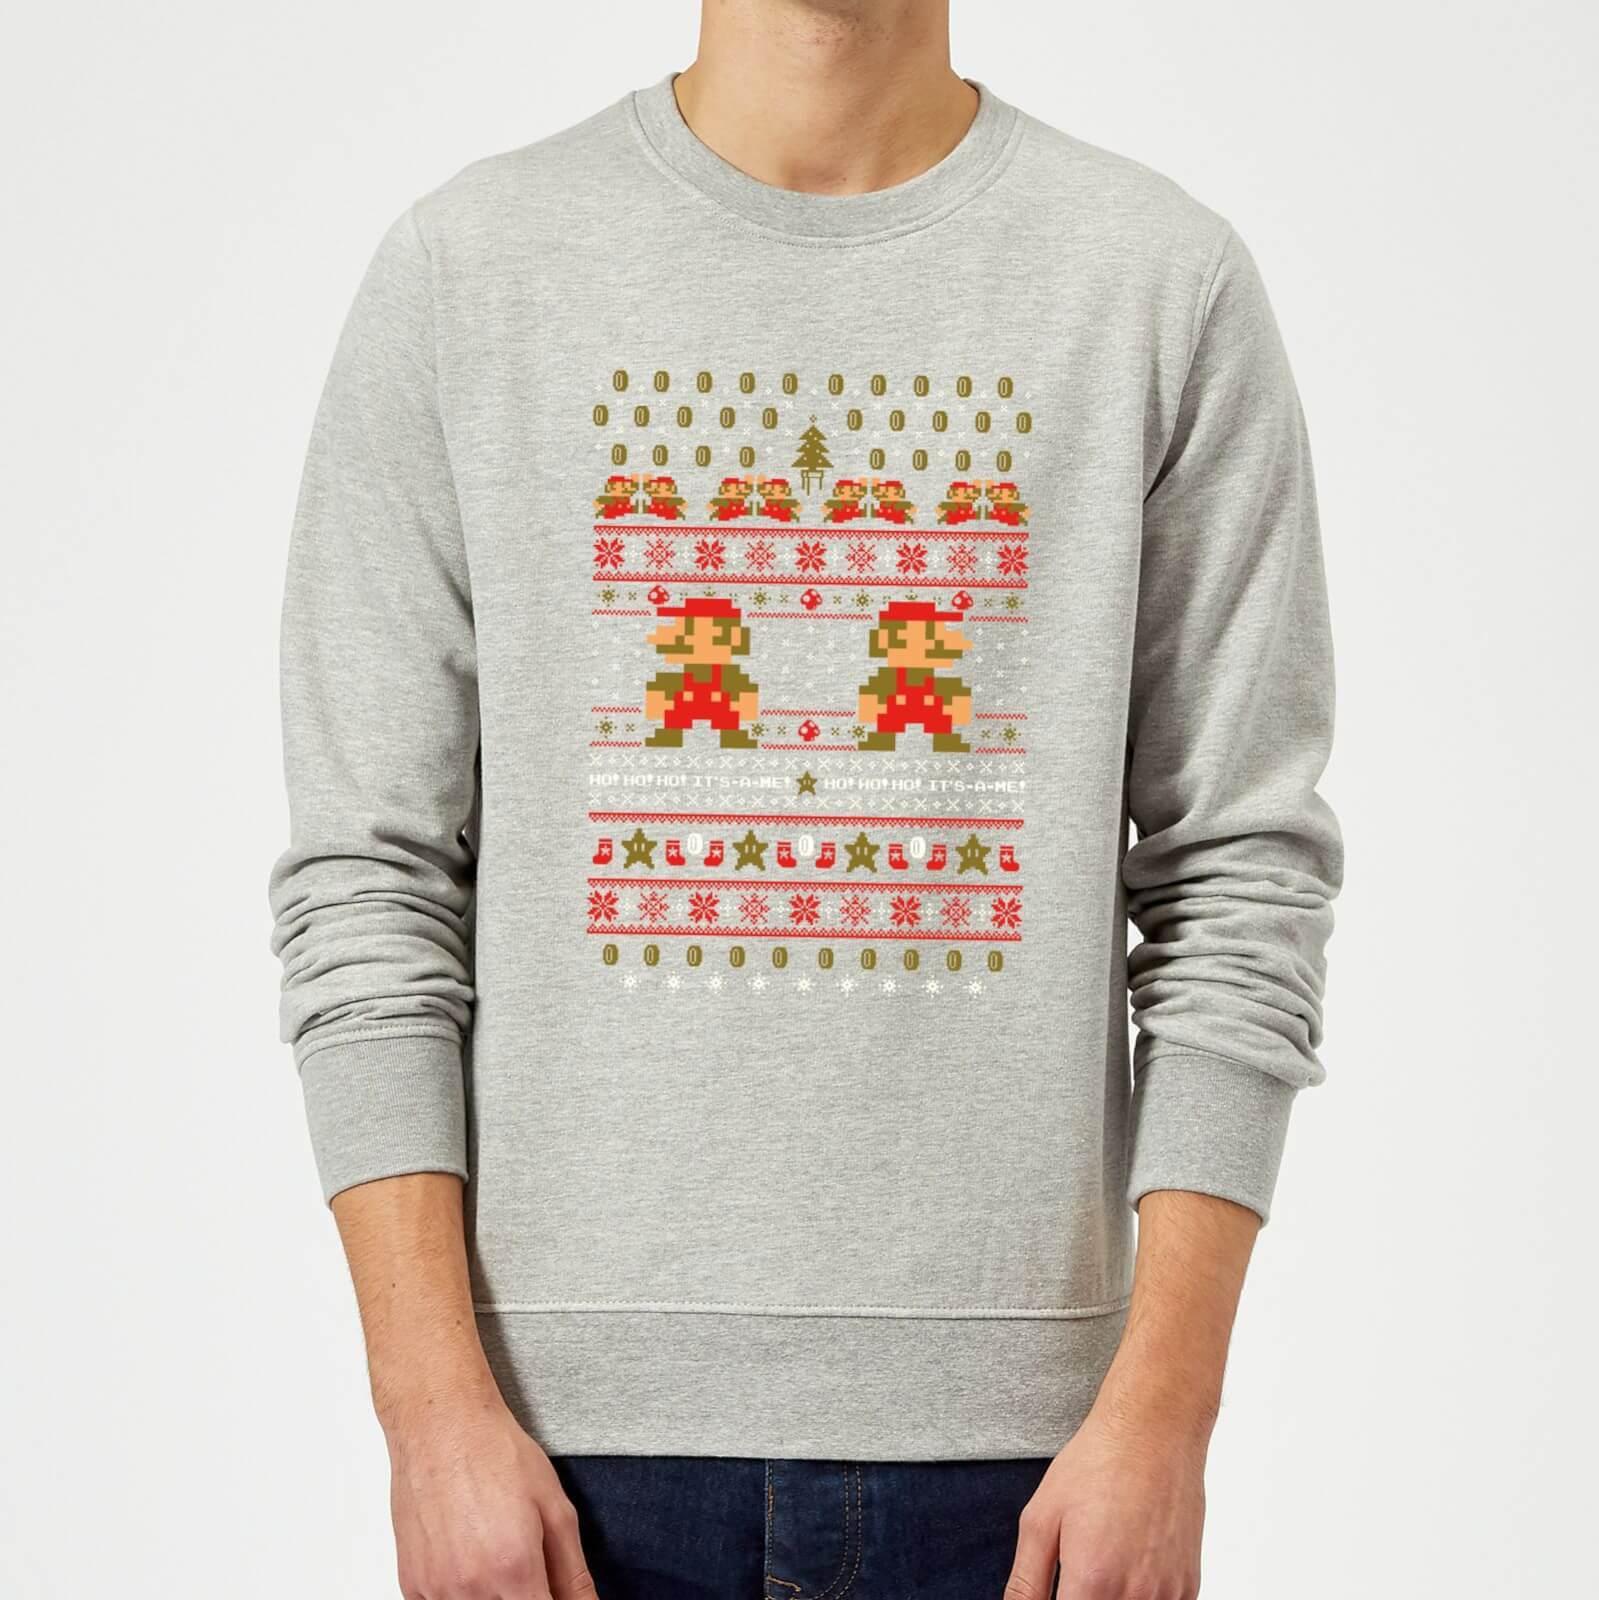 Swetry za 14,99 € na Zavvi.de